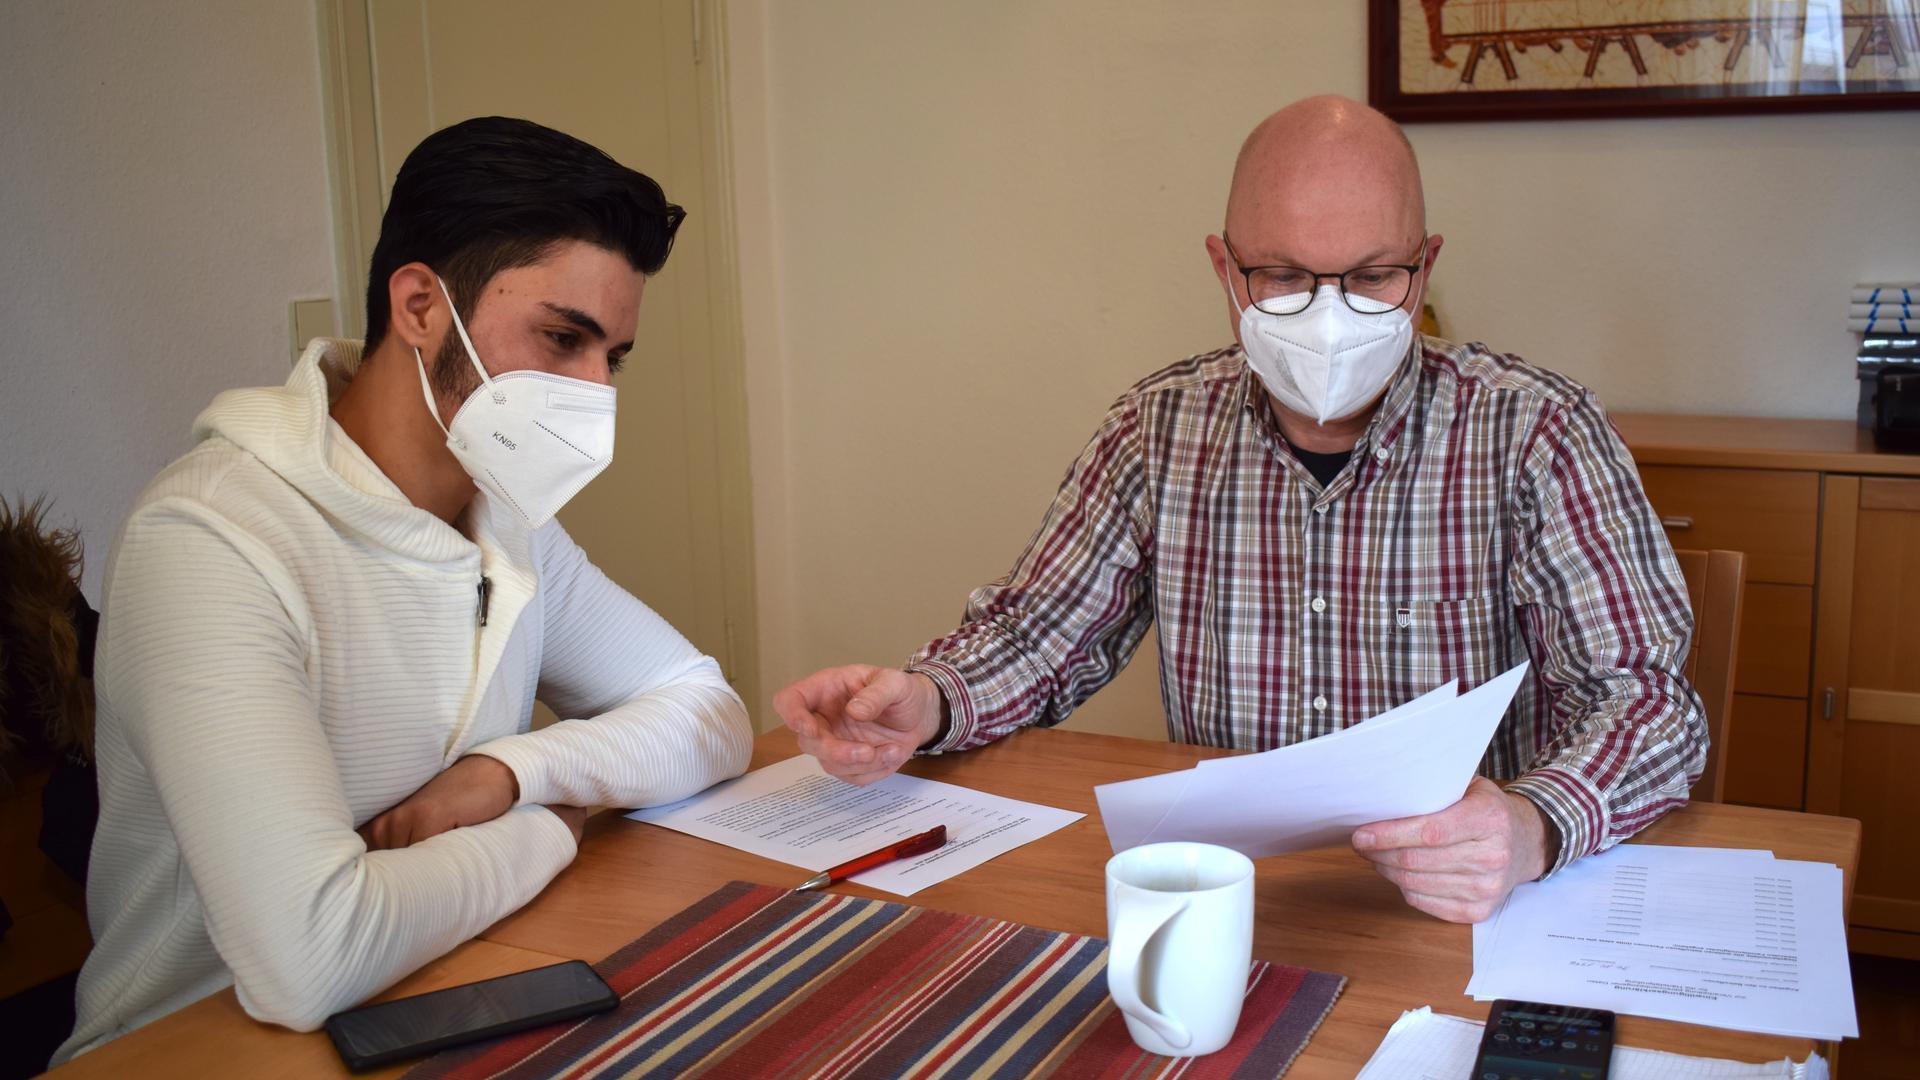 Zwei Männer sitzen mit Maske an einem Tisch und schauen sich Papiere an.